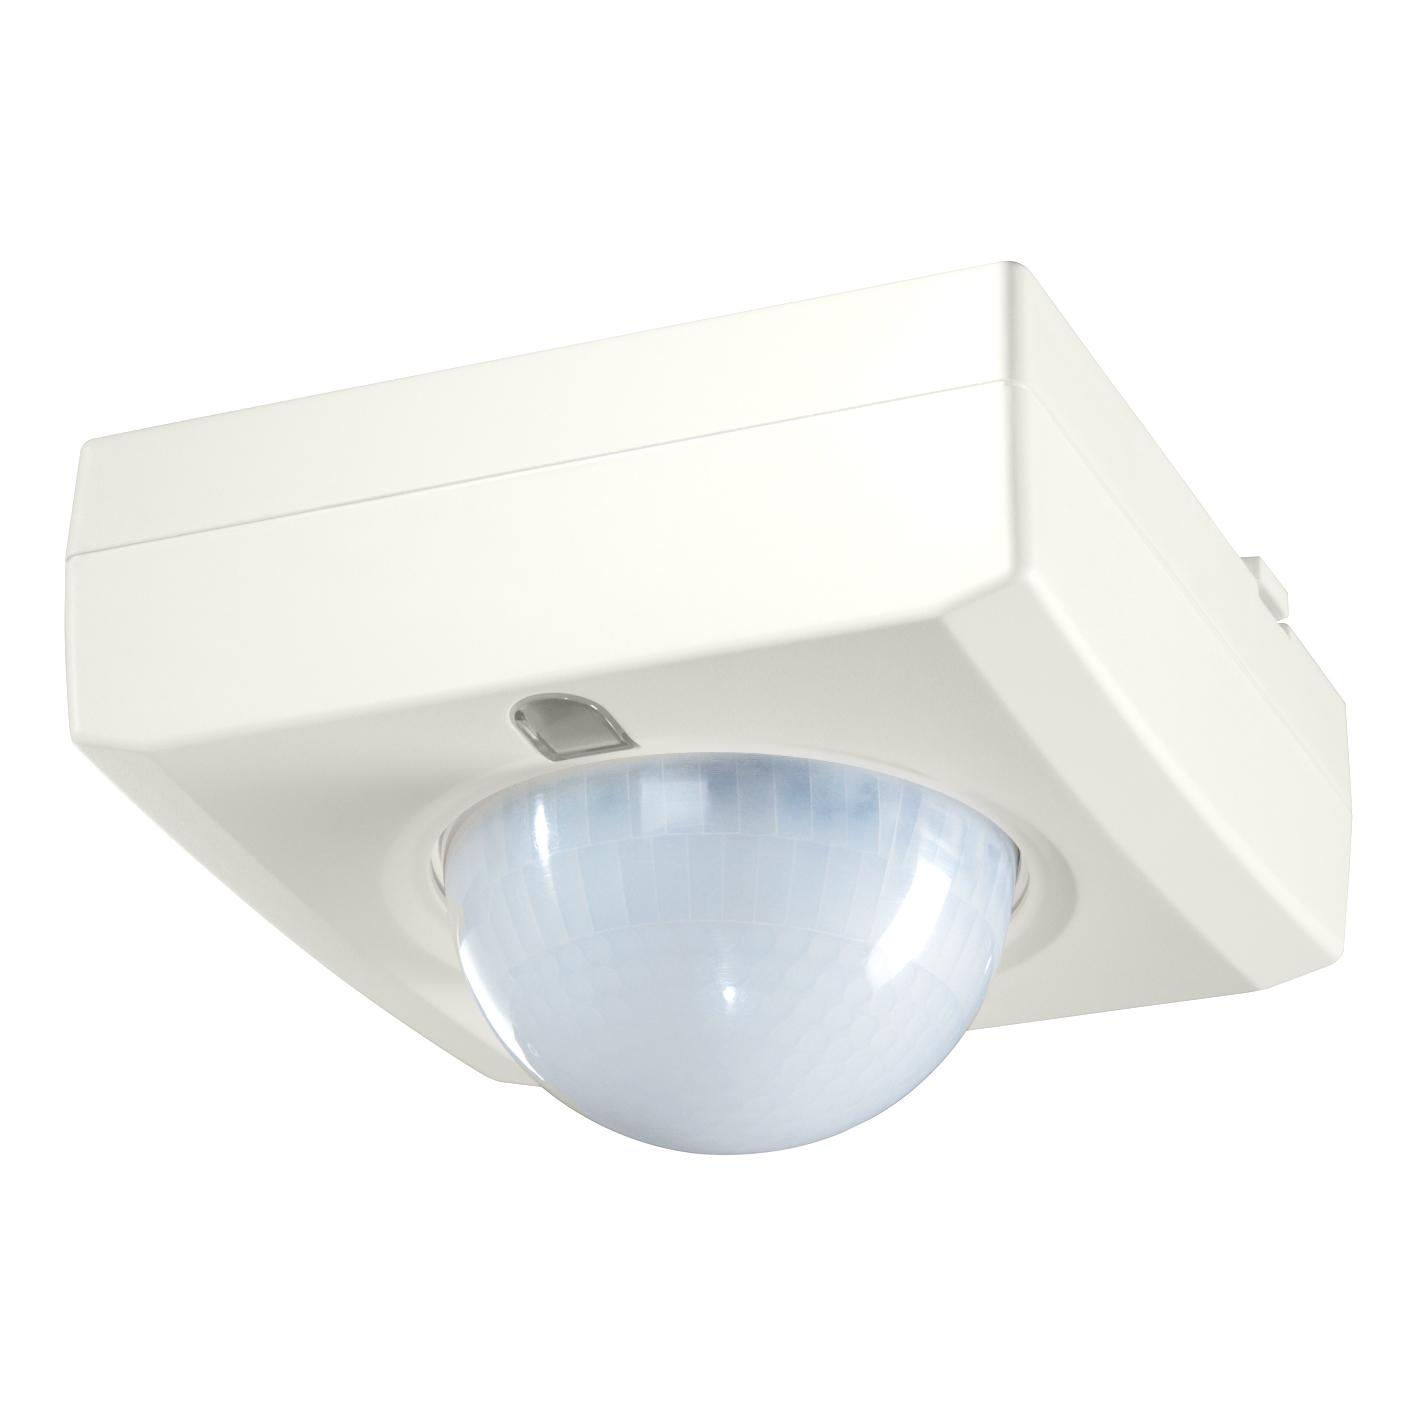 1 Stk Präsenzmelder für Deckenmontage, 360°, Ø12m, IP41, weiß EST1040360